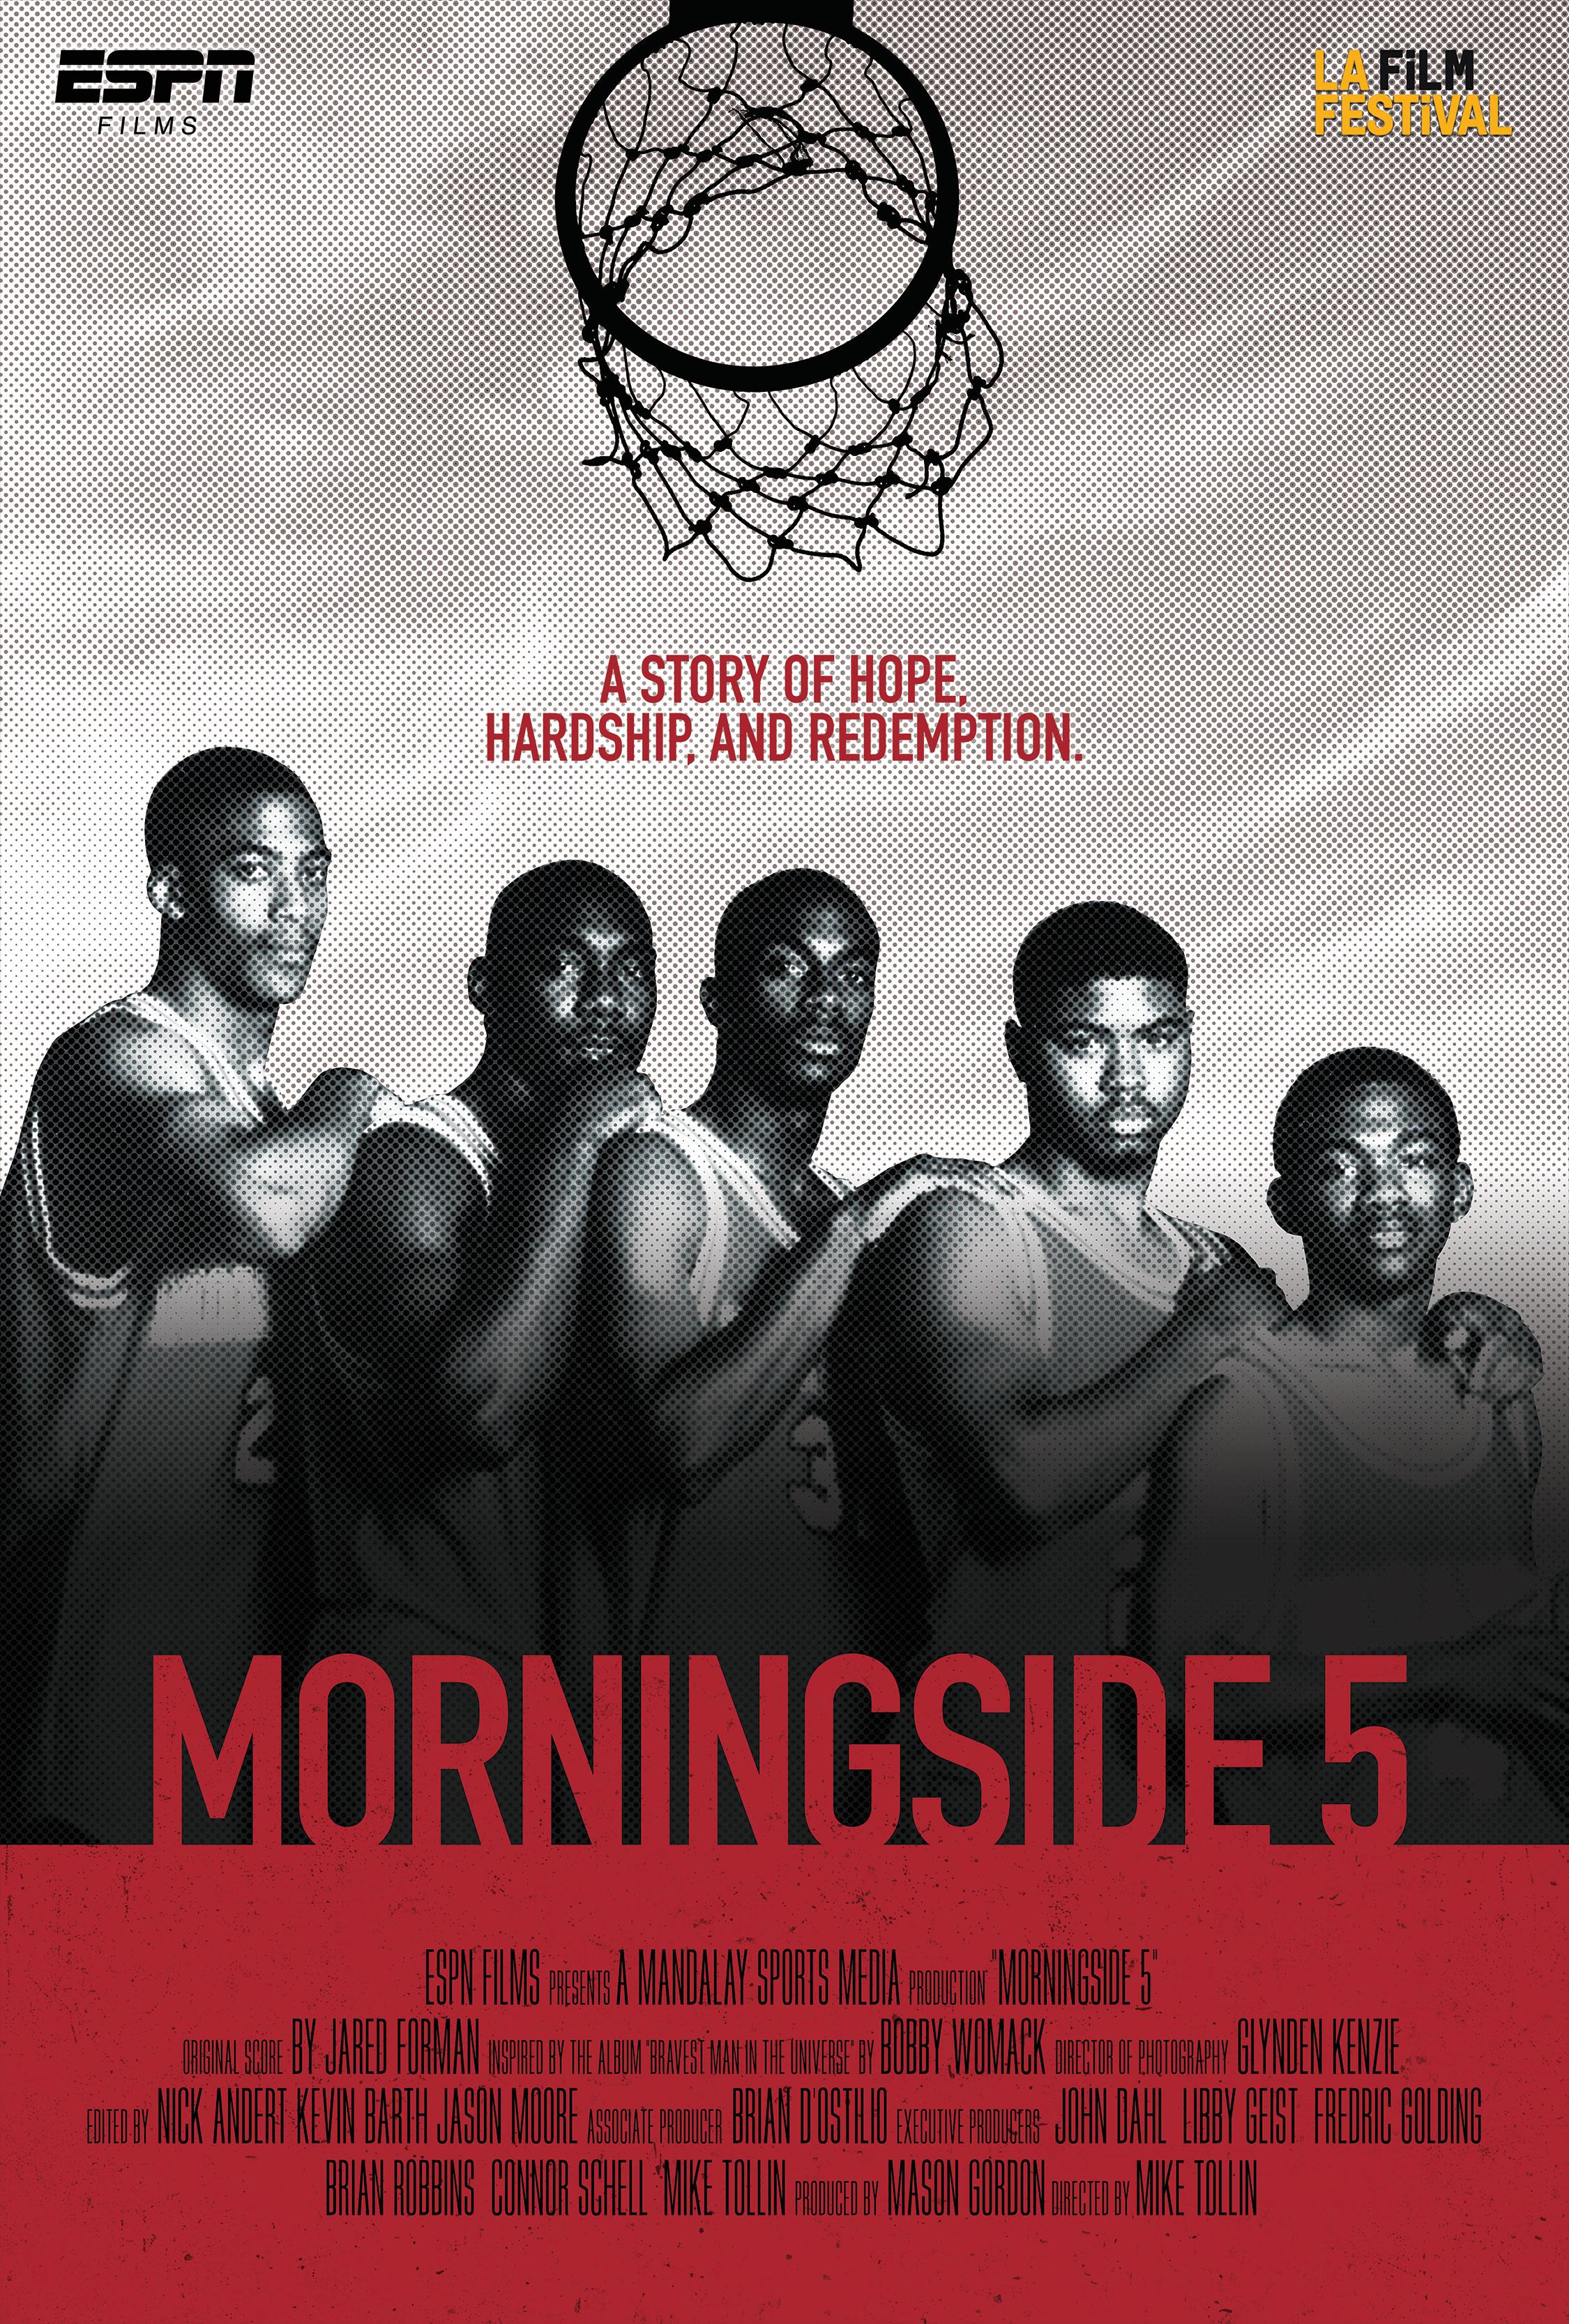 MS5 Poster (Full).JPG